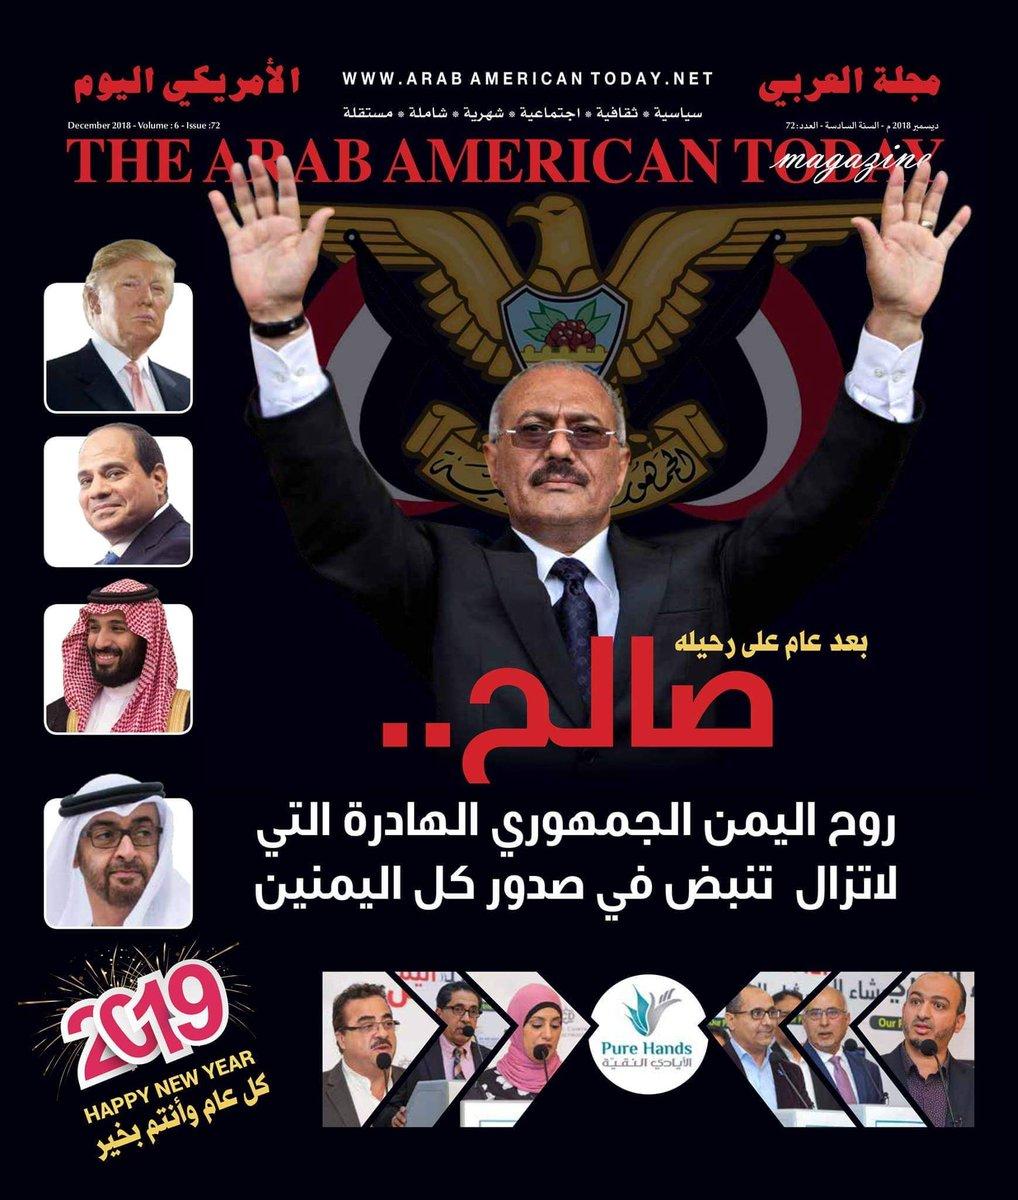 """مجلة أمريكية تفاجئ الحكام والجميع بظهور مفاجئ للرئيس اليمني الأسبق """"صالح"""" في أمريكا"""